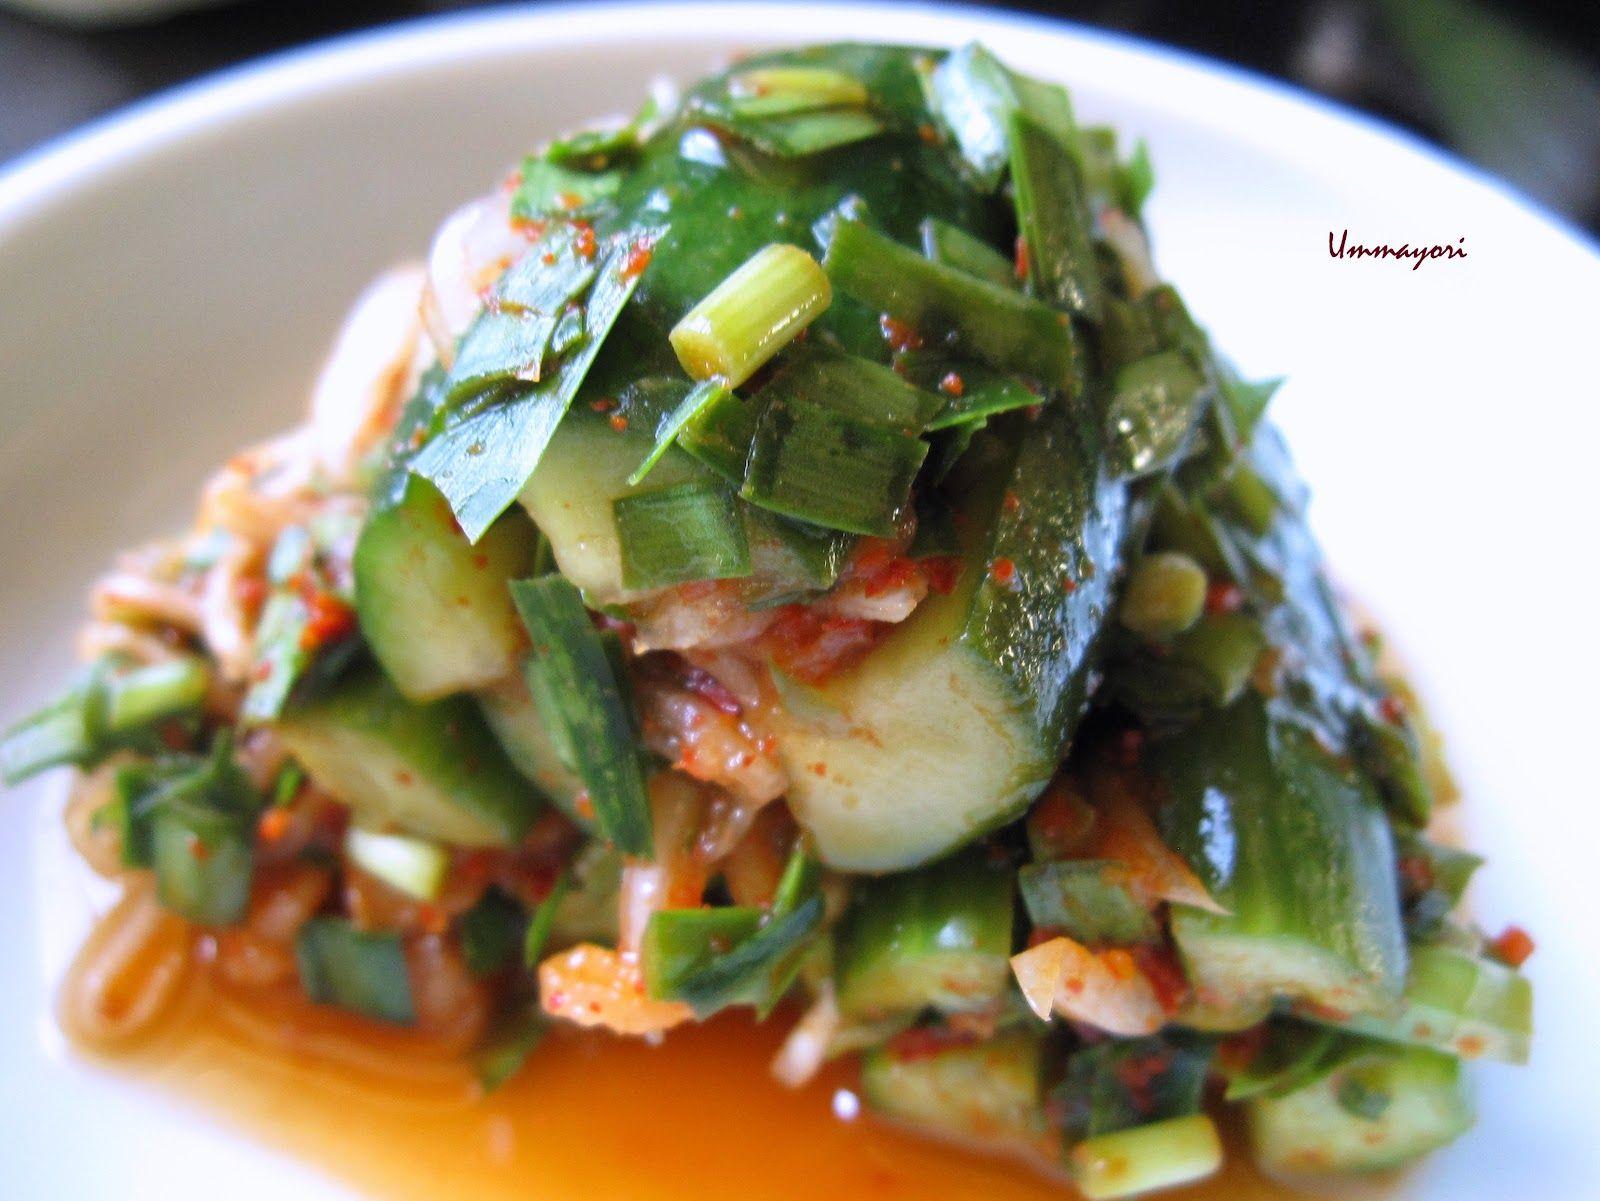 Stuffed Cucumber Kimchi - Oi Sobaegi 오이소박이   Raw food